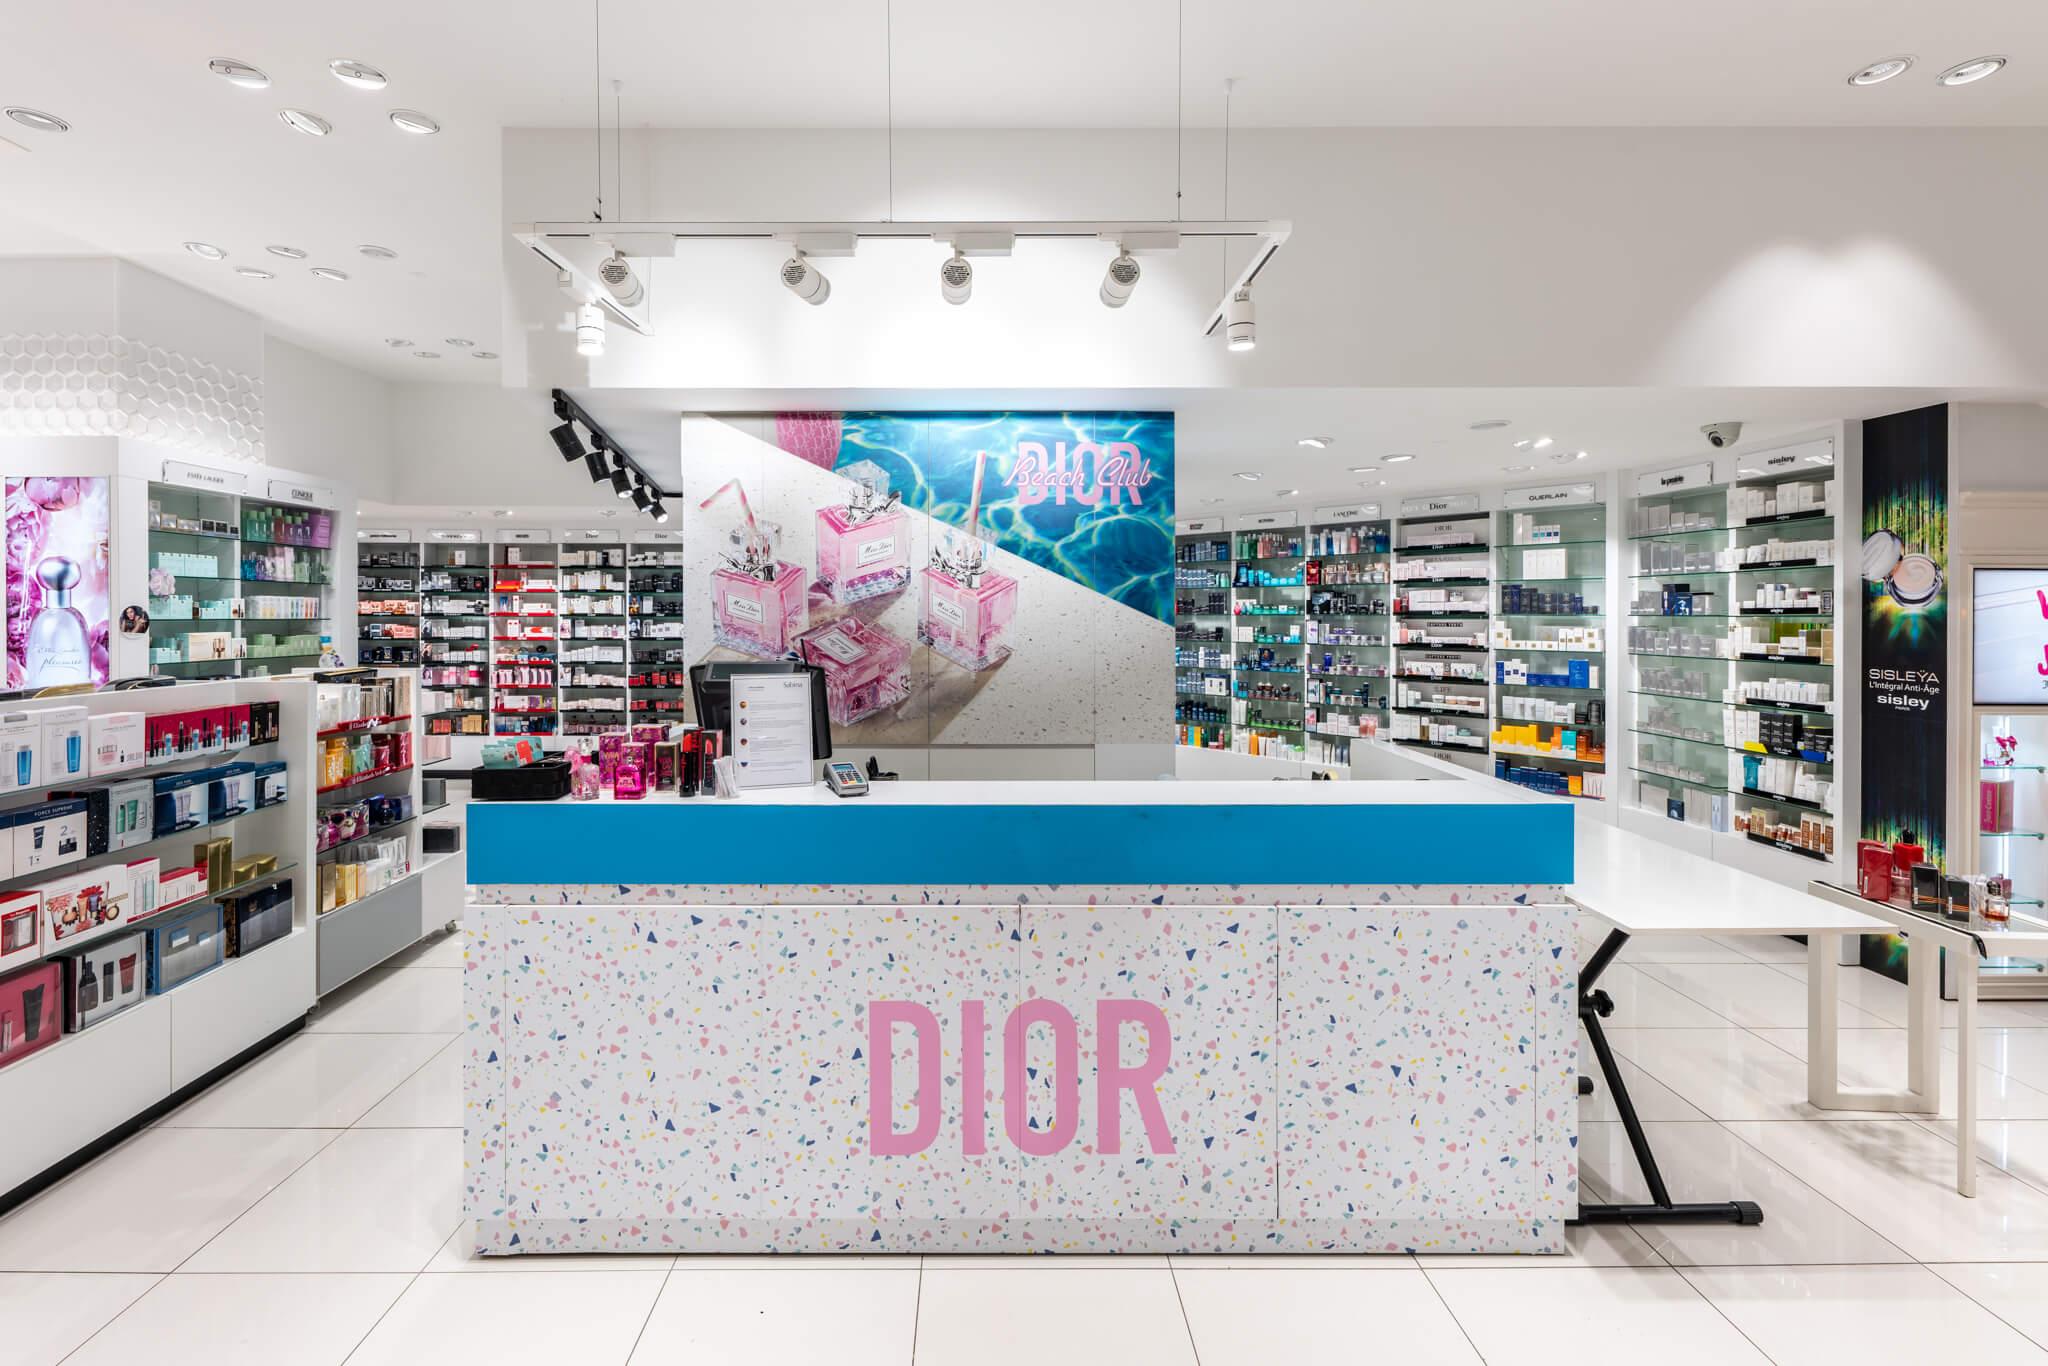 Mostrador (caja Dior verano gotas pintura) parte derecha fondo perfumería